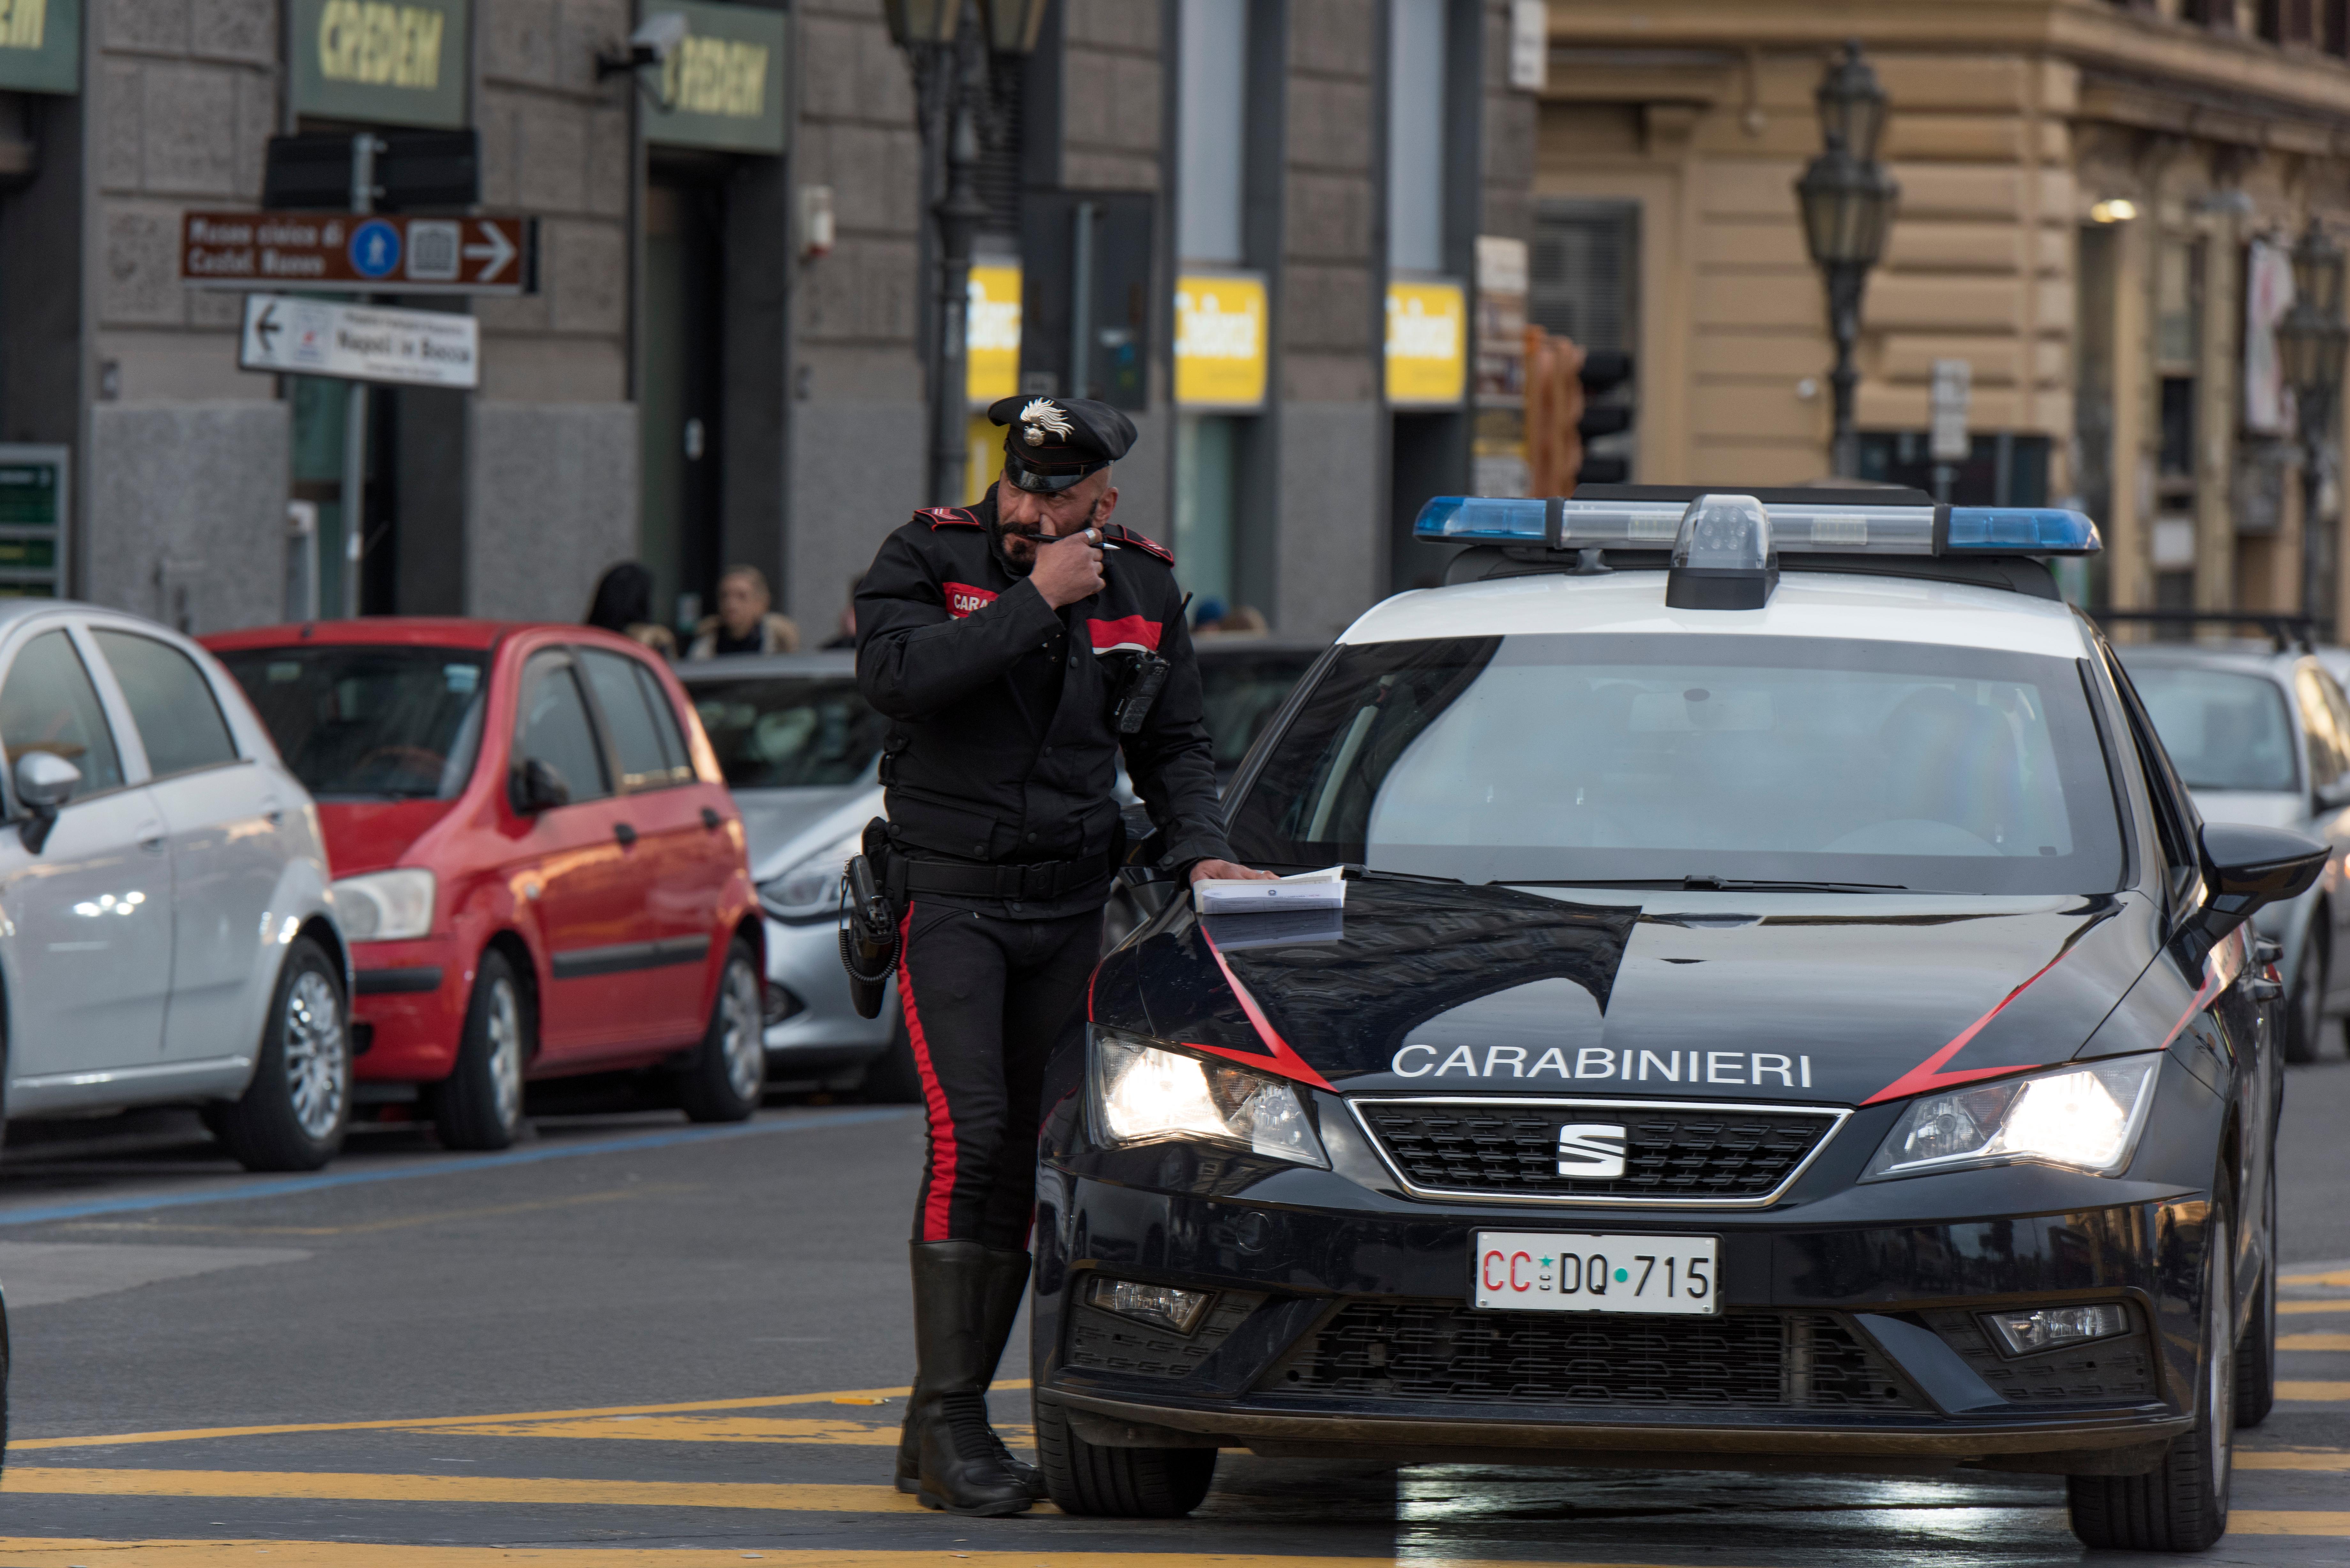 Româncă arestată, după ce italianul de care trebuia să aibă grijă a fost găsit mort, legat de mâini şi de picioare